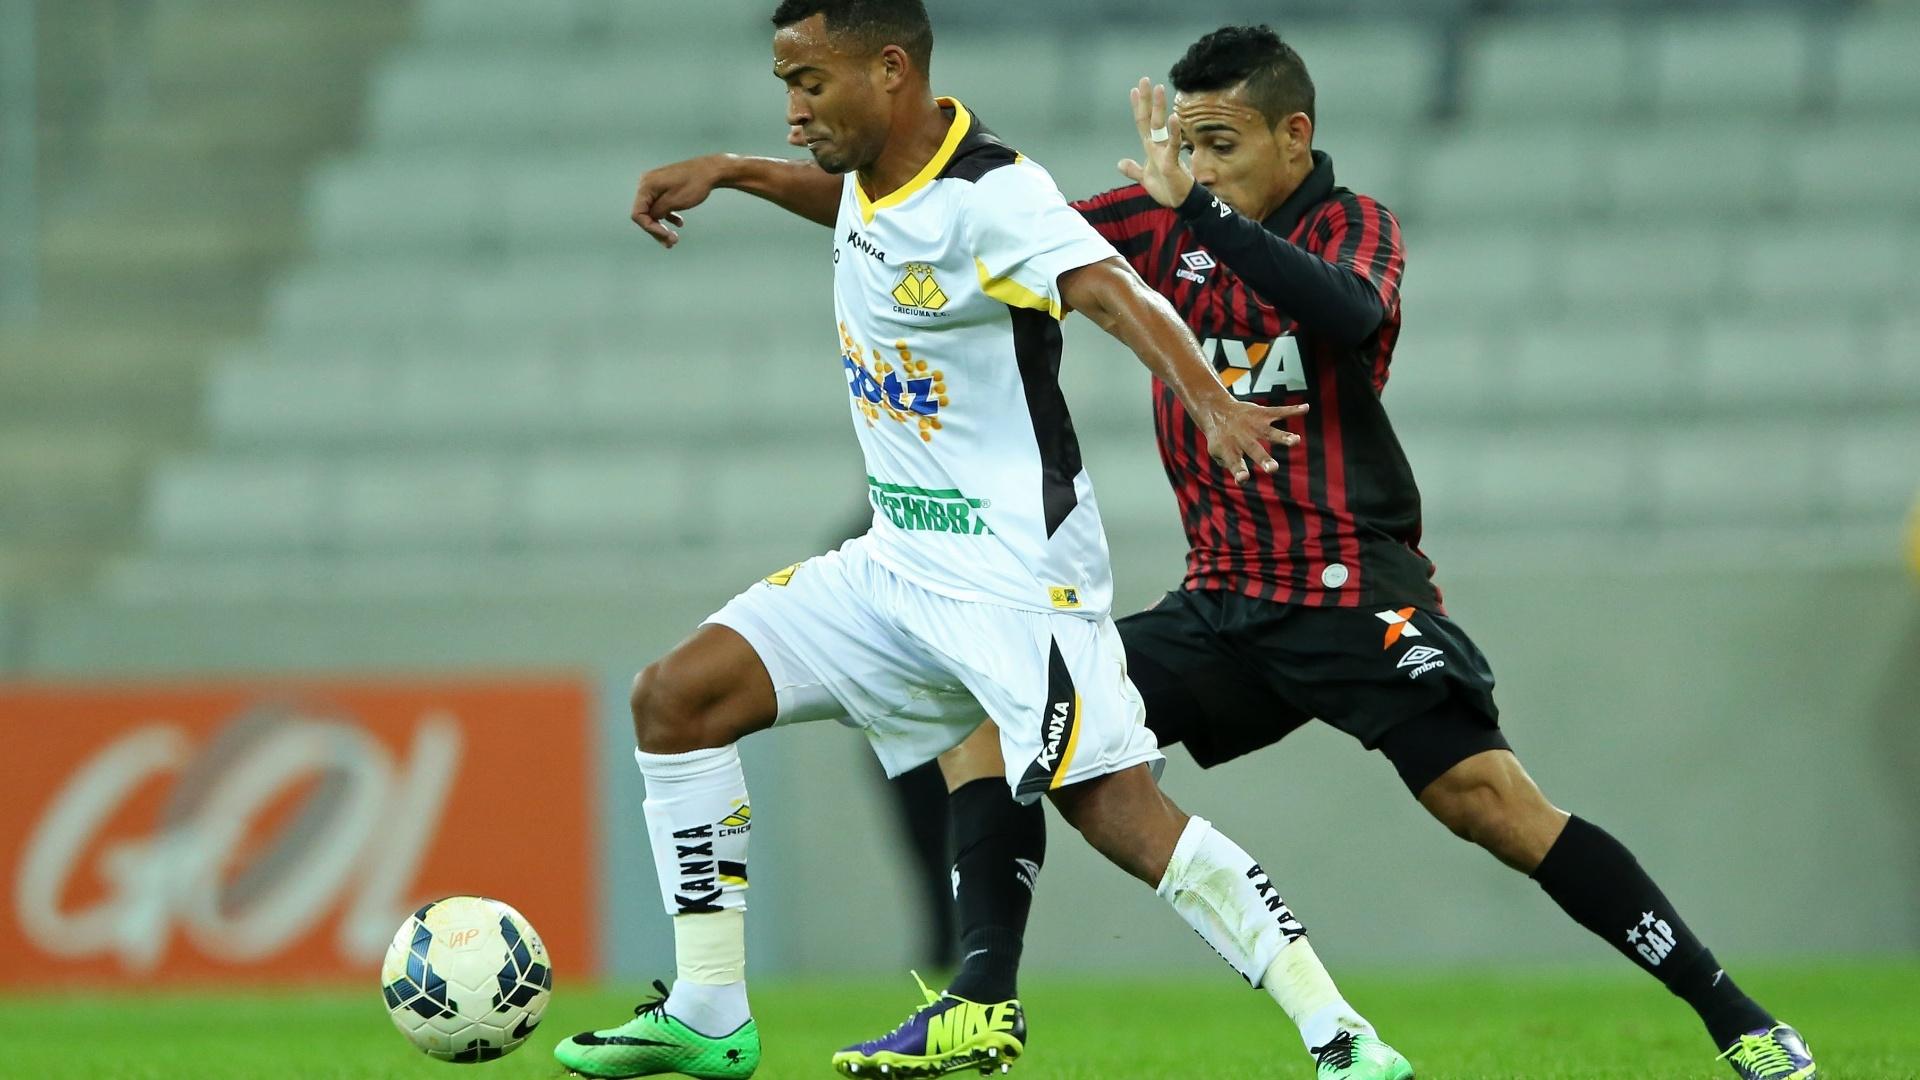 João Vitor, do Criciúma, tenta escapar da marcação de Natanael, do Atlético-PR, em jogo válido pelo Brasileiro